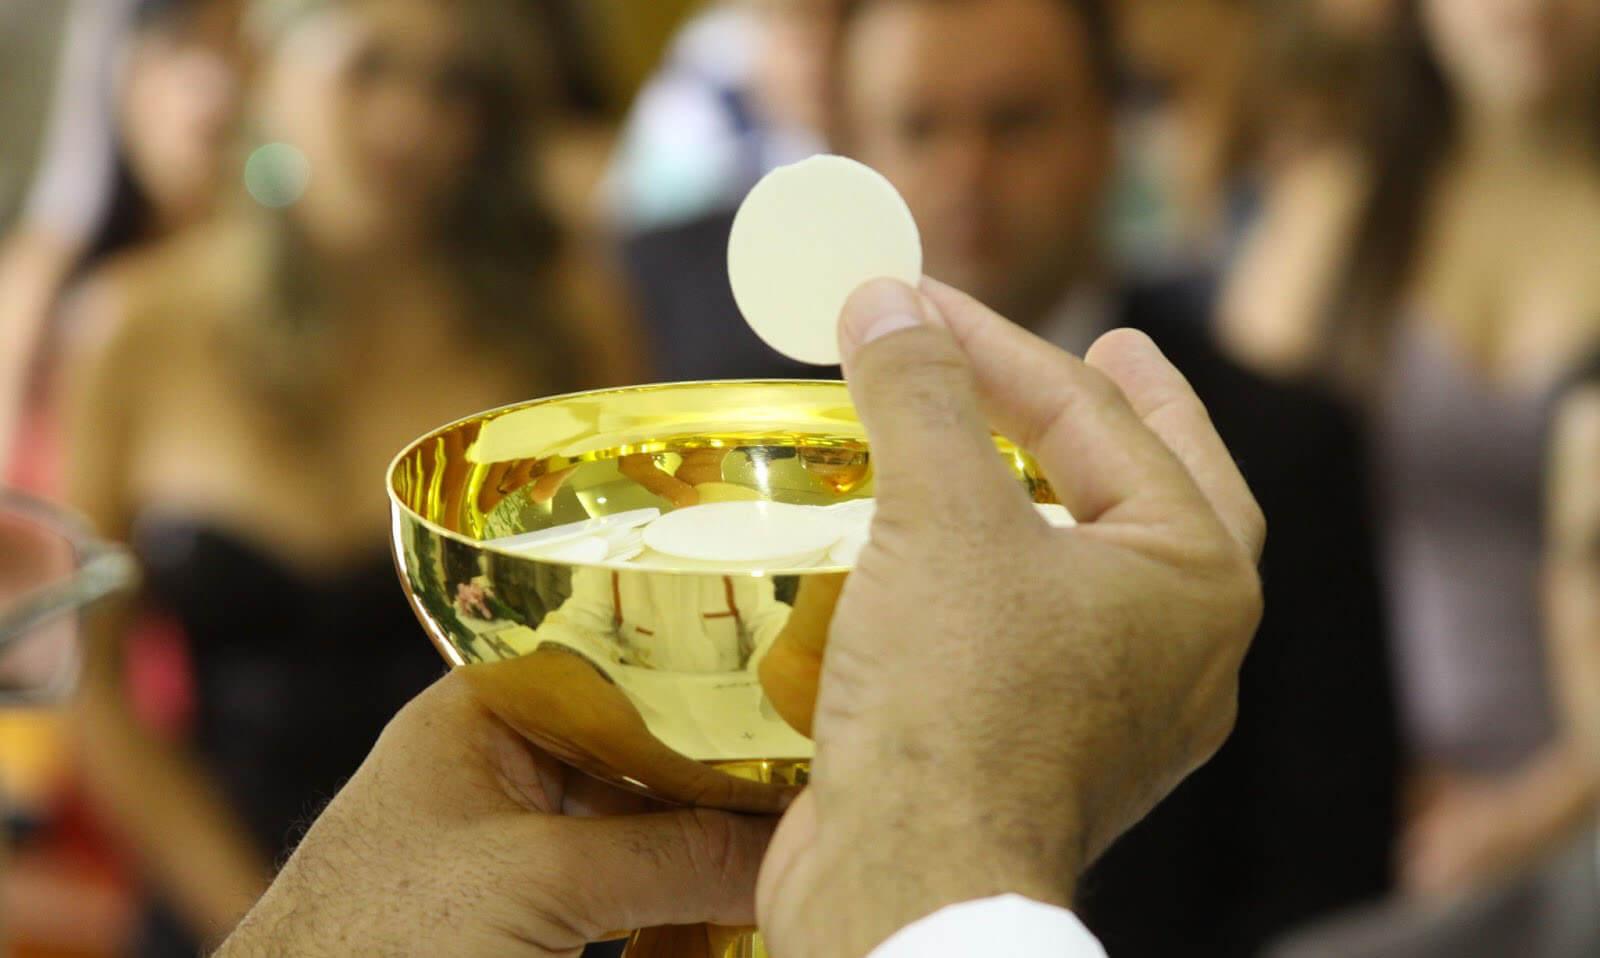 Nota de prensa del Arzobispado de Pamplona-Tudela: Profanar a Jesús Eucaristía es un sacrilegio gravísimo